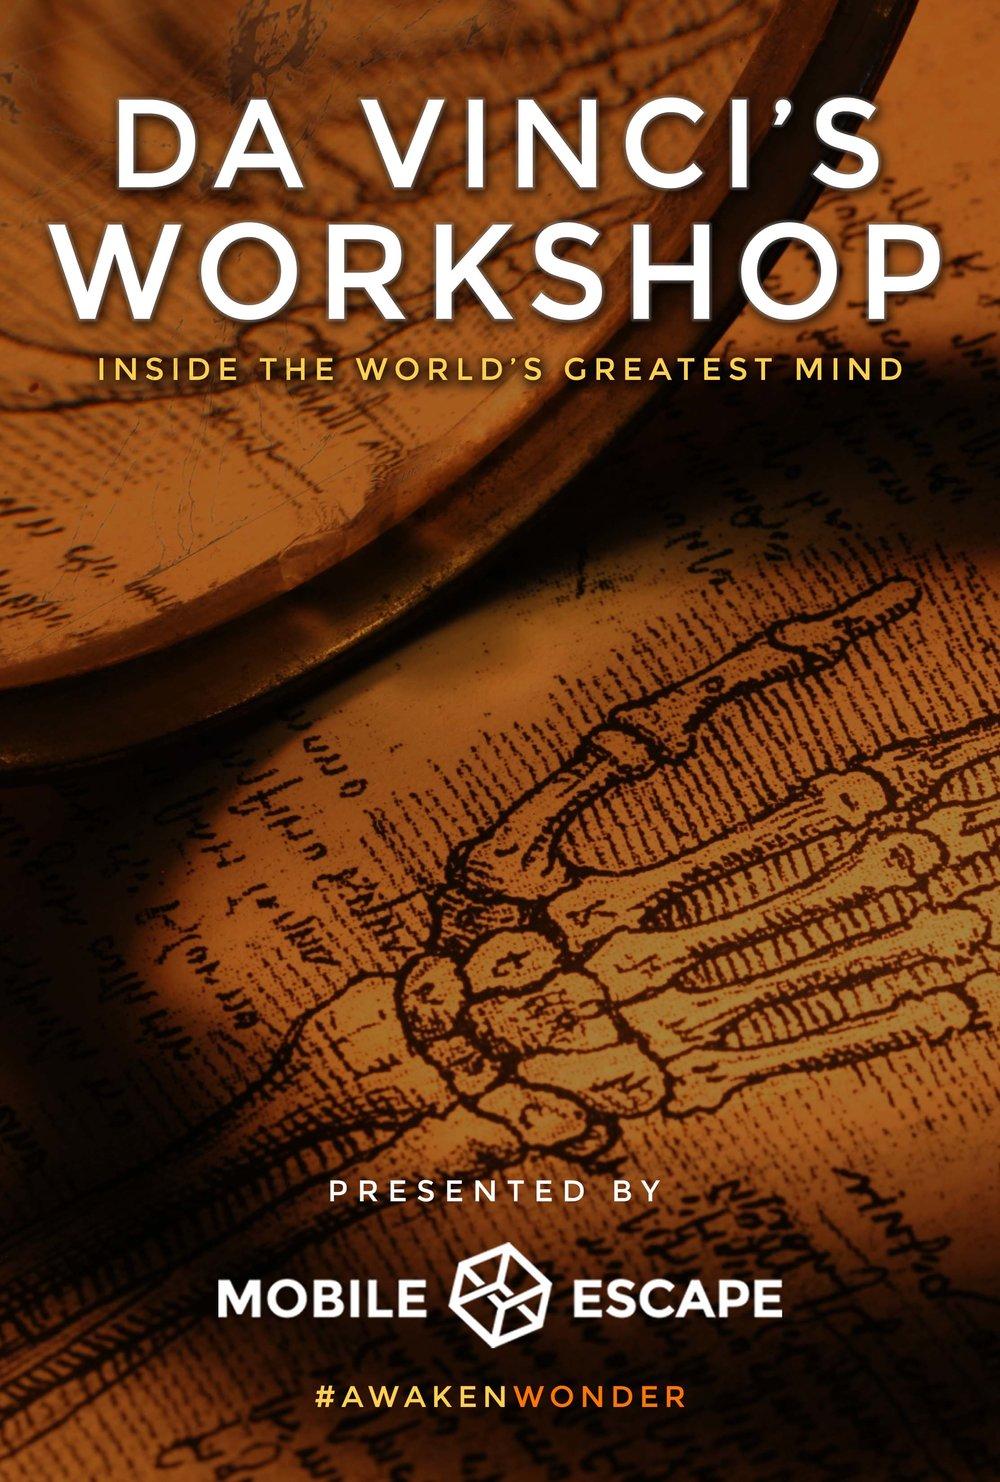 Da Vinci's Workshop Room Poster_small.jpg